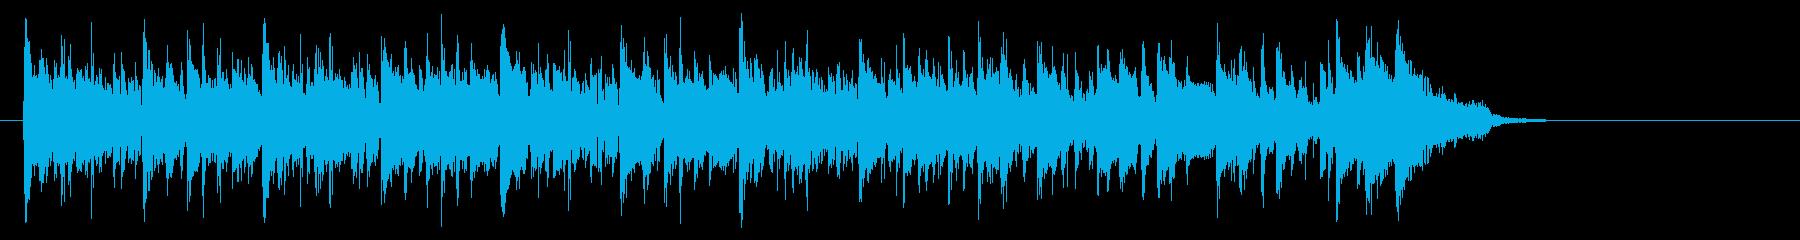 メロウなフュージョン(サビ~イントロ)の再生済みの波形